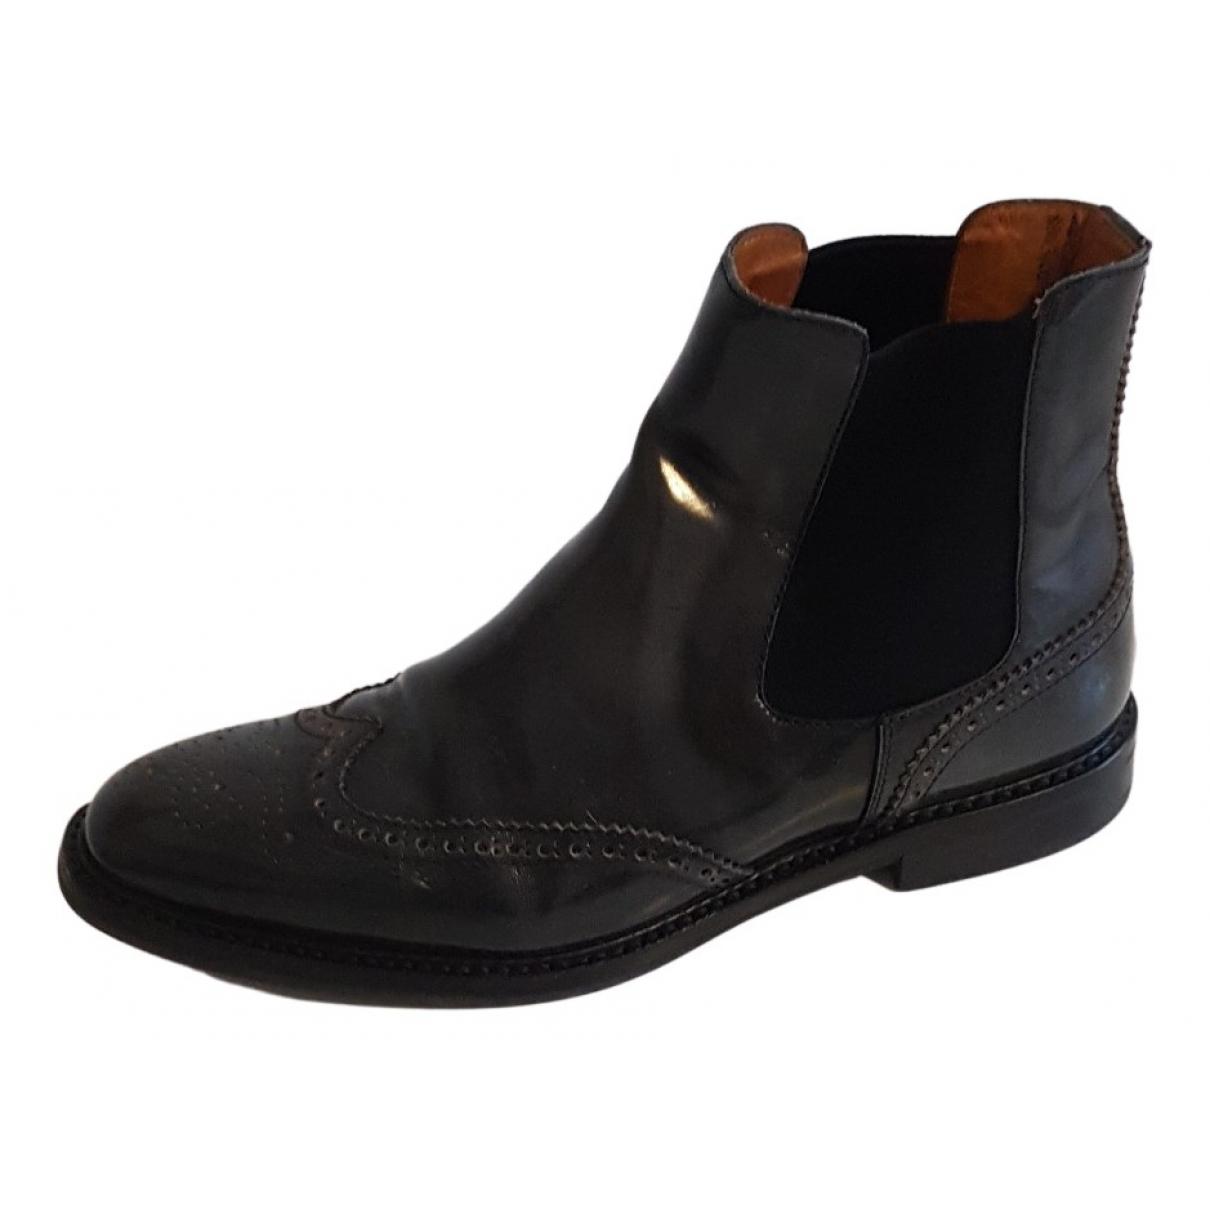 Churchs - Boots   pour femme en cuir - gris